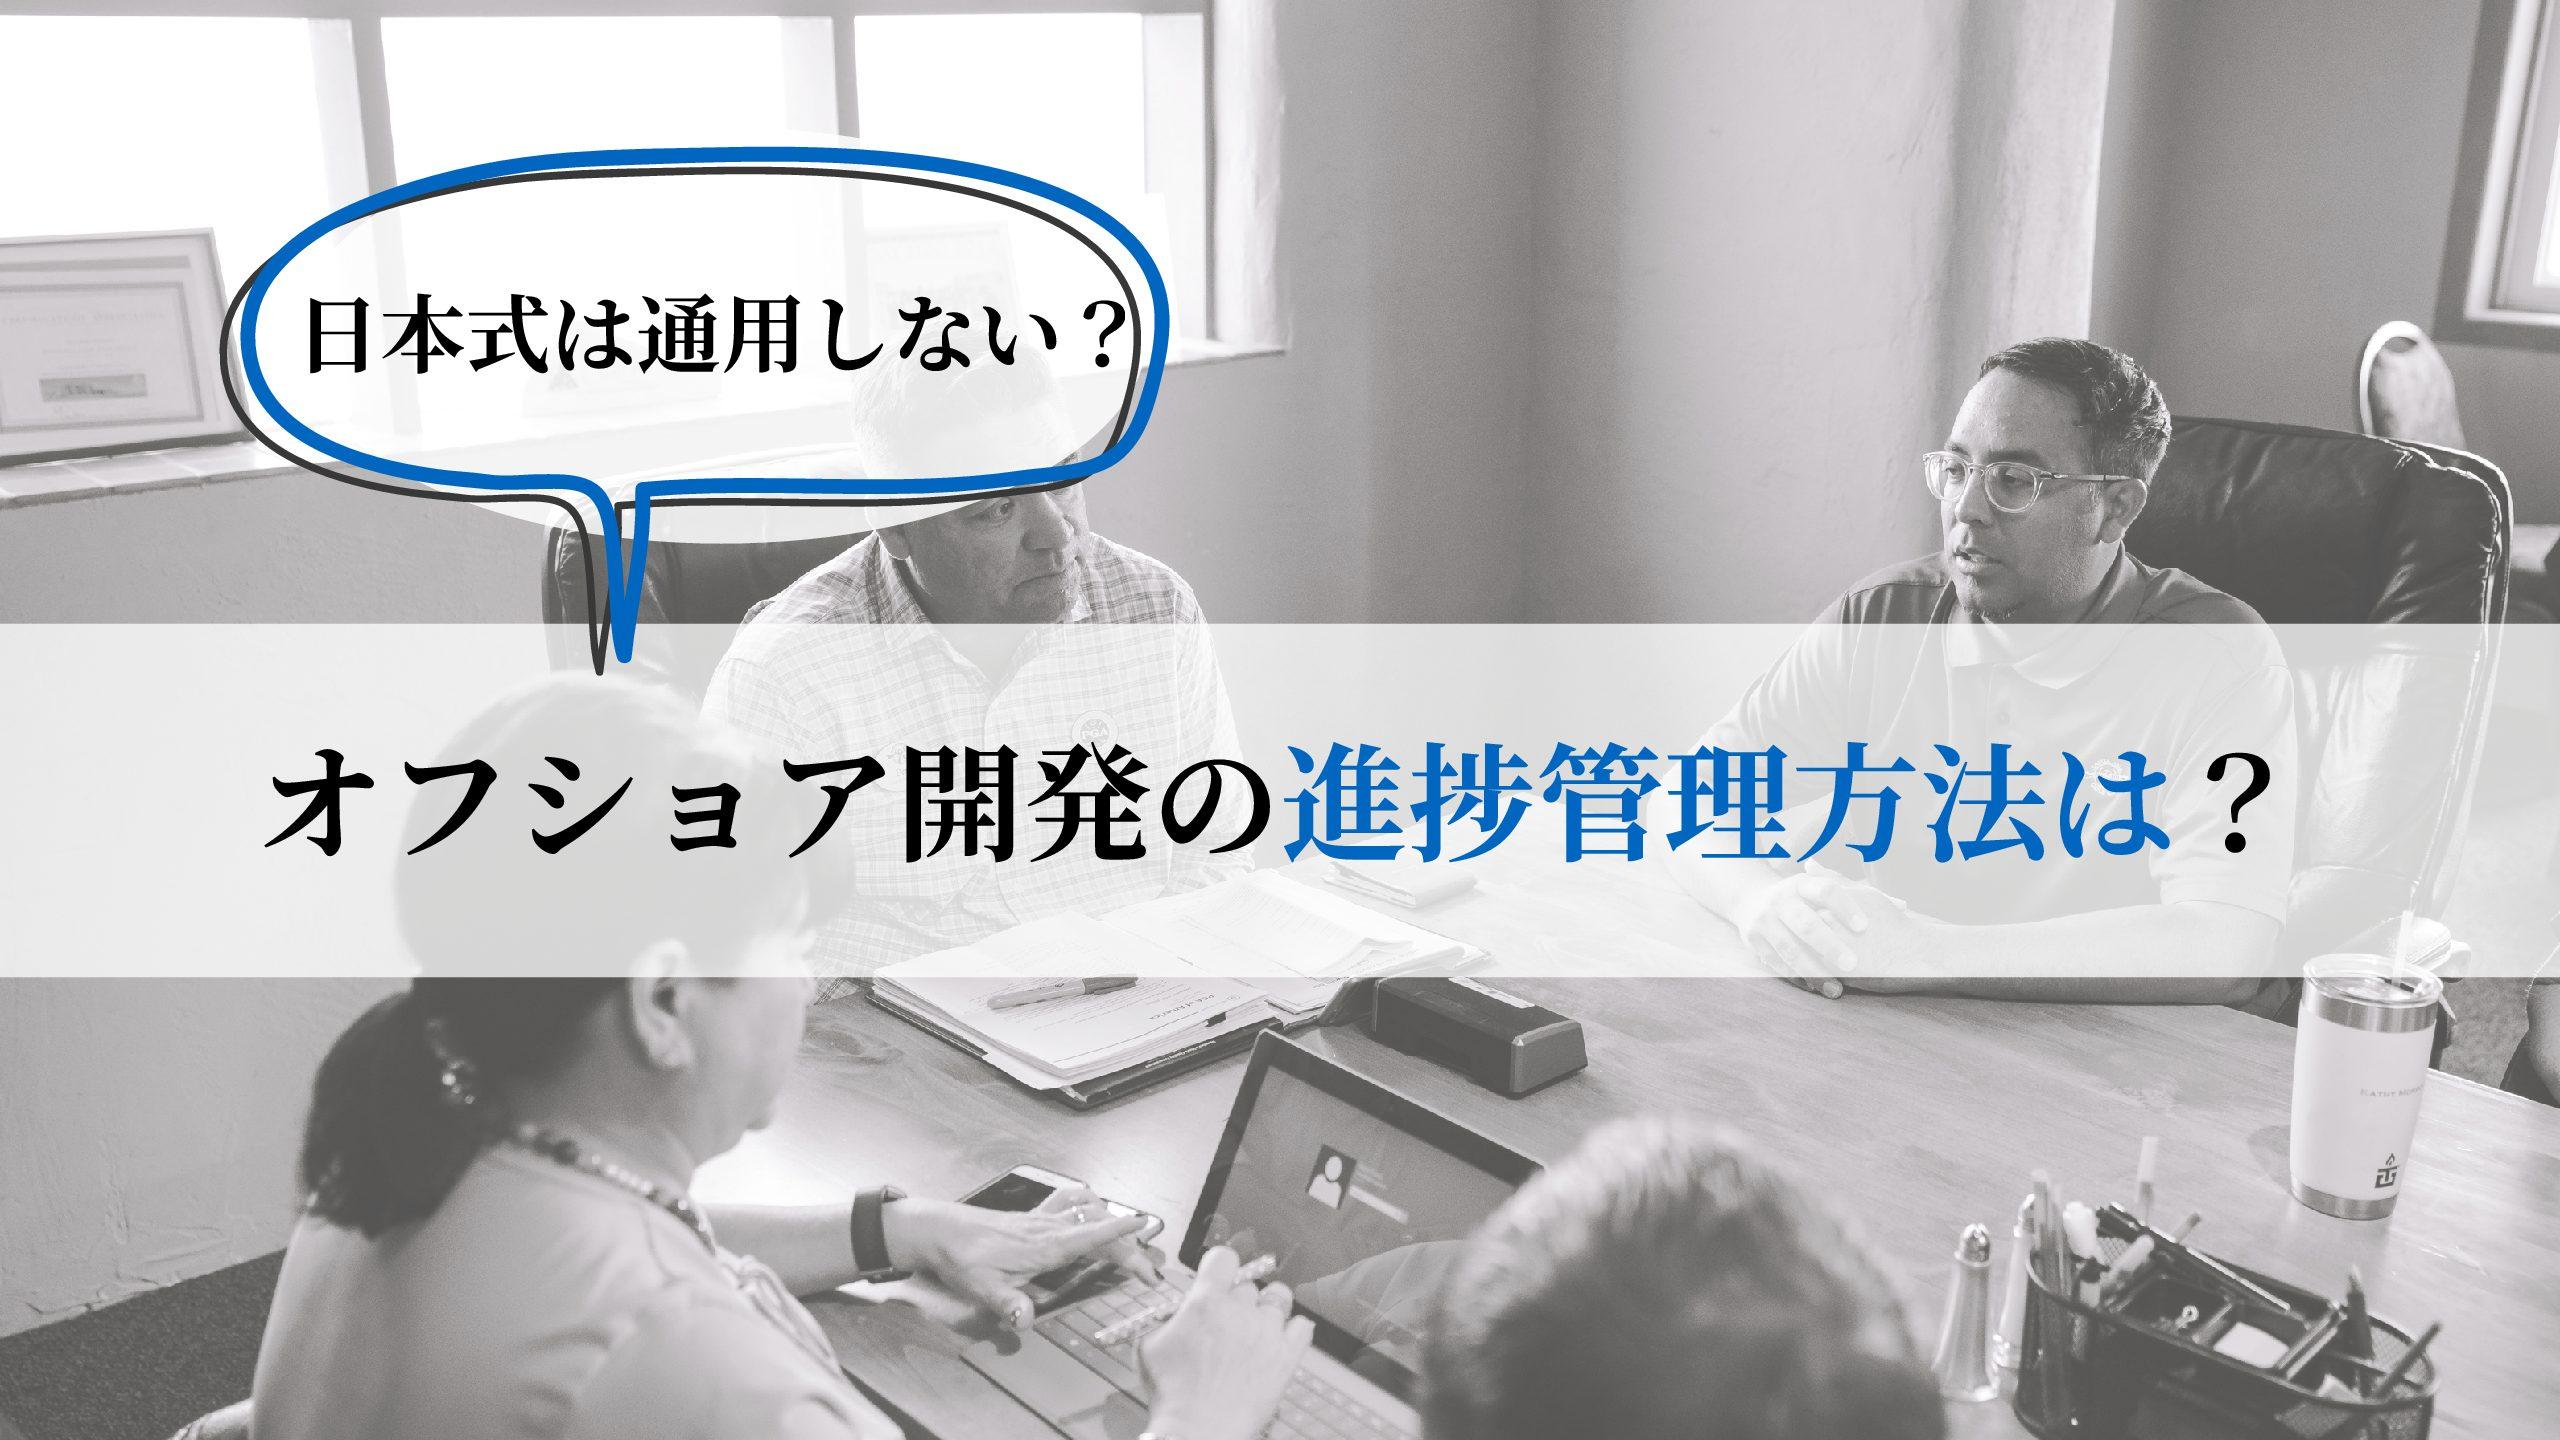 オフショア開発成功の絶対条件【進捗管理】とは?その方法を伝授!